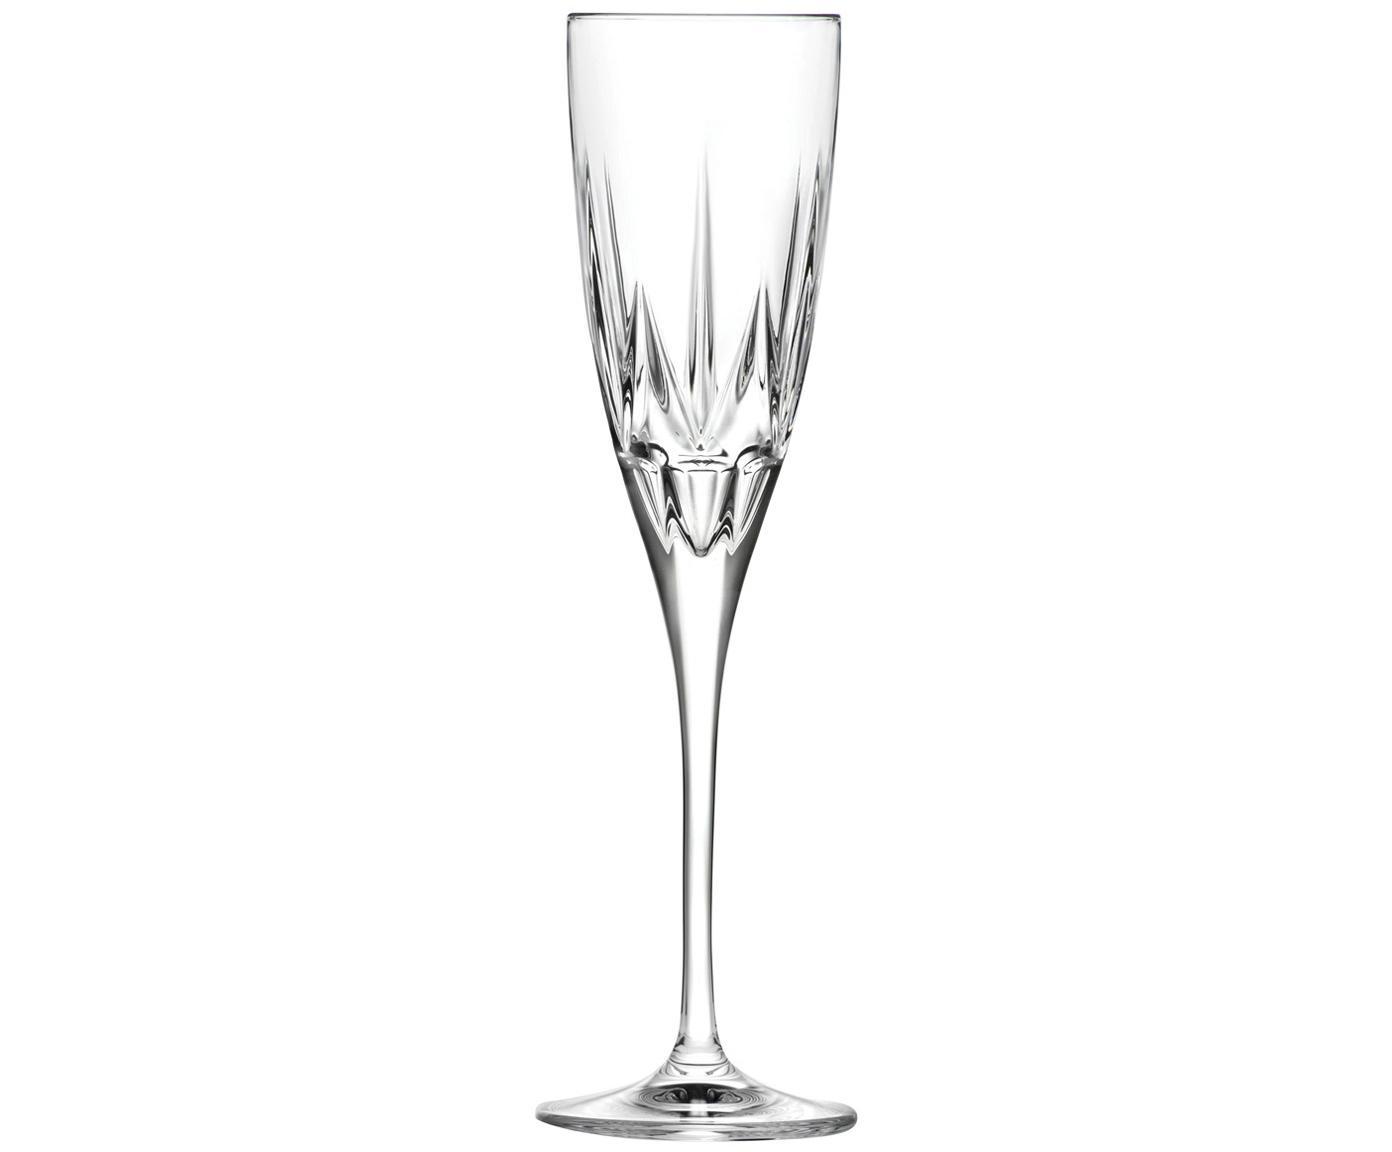 Copas flauta de champán de cristal Chic, 6uds., Cristal, Transparente, Ø 6 x Al 24 cm